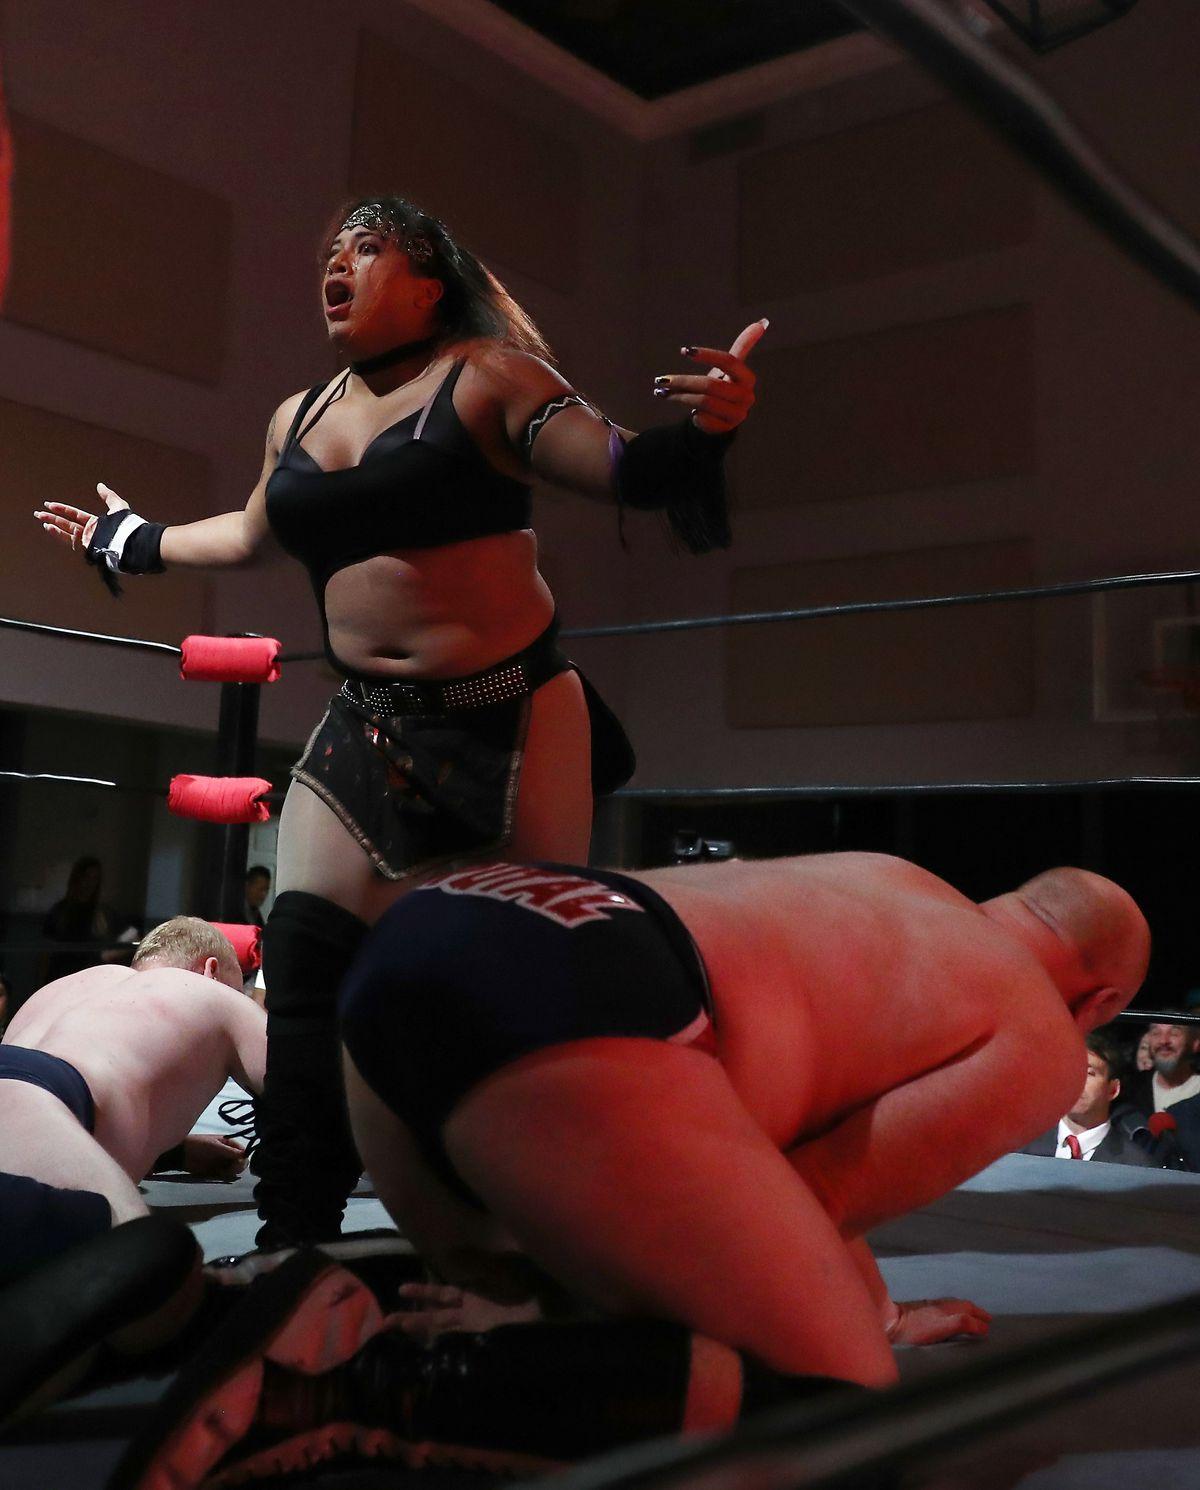 Capitol Wrestling World War IV